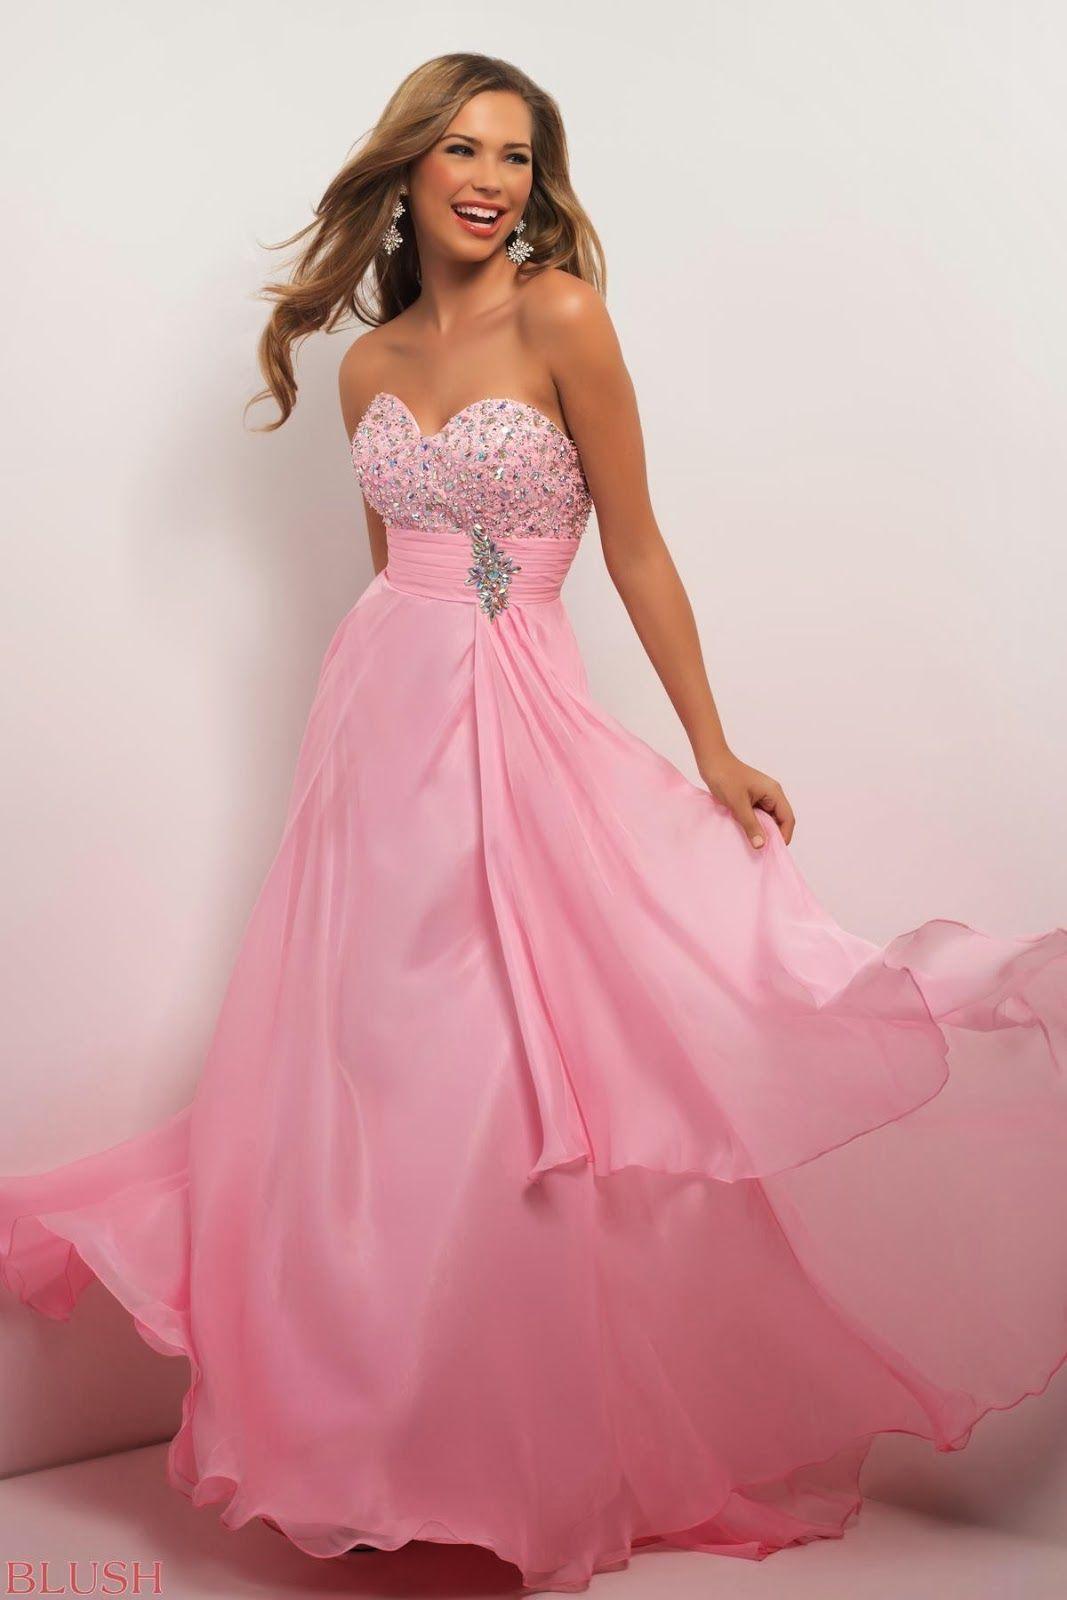 vestidos-rosa-volados-juvenil   Vestidos   Pinterest   Vestidos ...